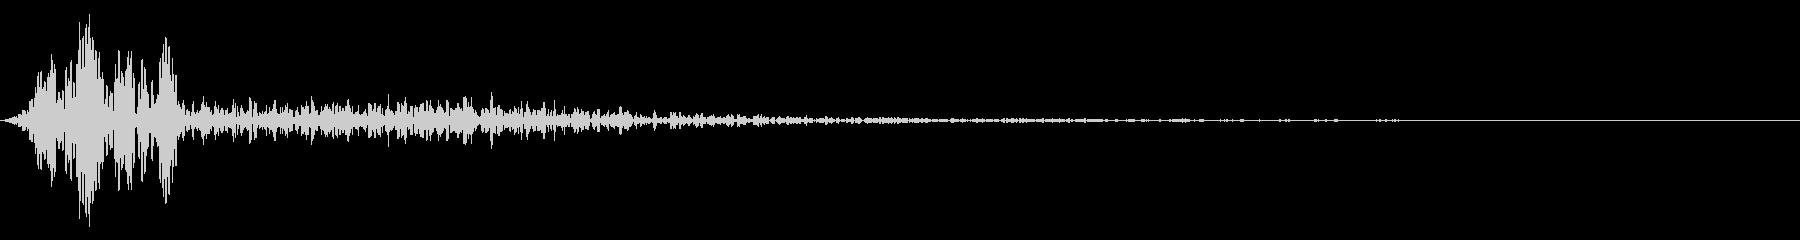 スチールグロール、キックサブヒット...の未再生の波形